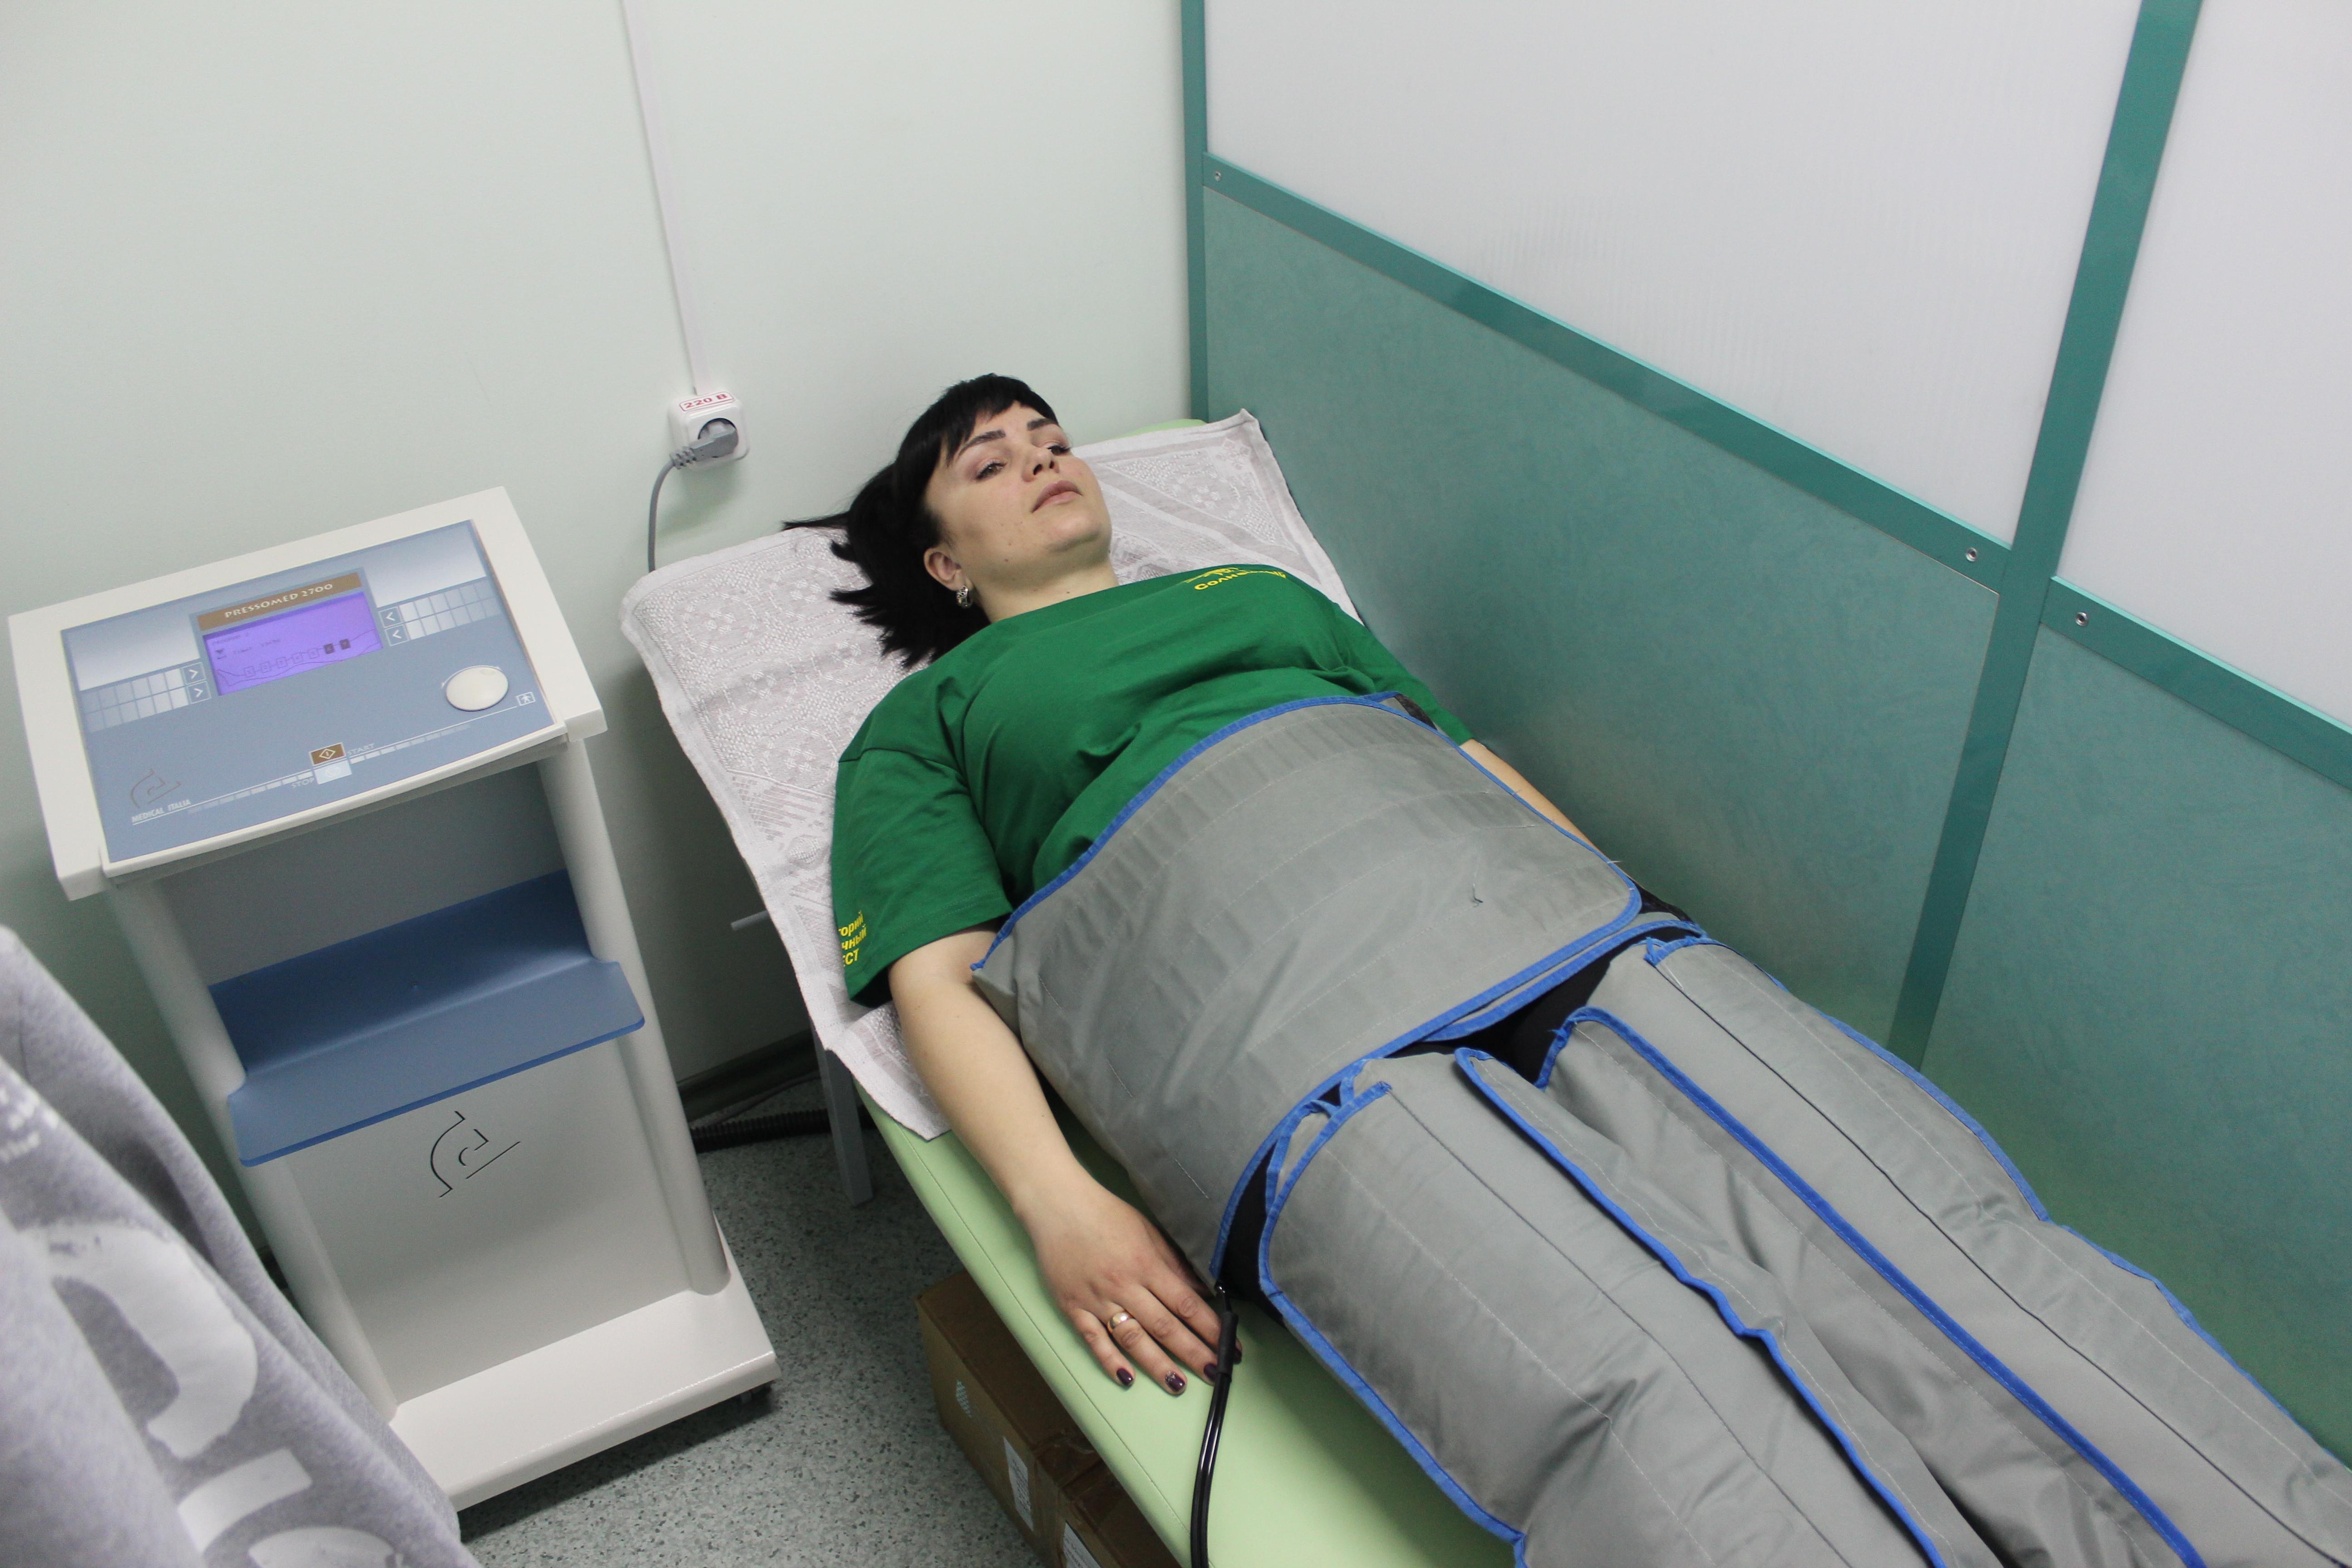 Курсы Похудения Санаторий. 12 лучших санаториев, где вам помогут похудеть